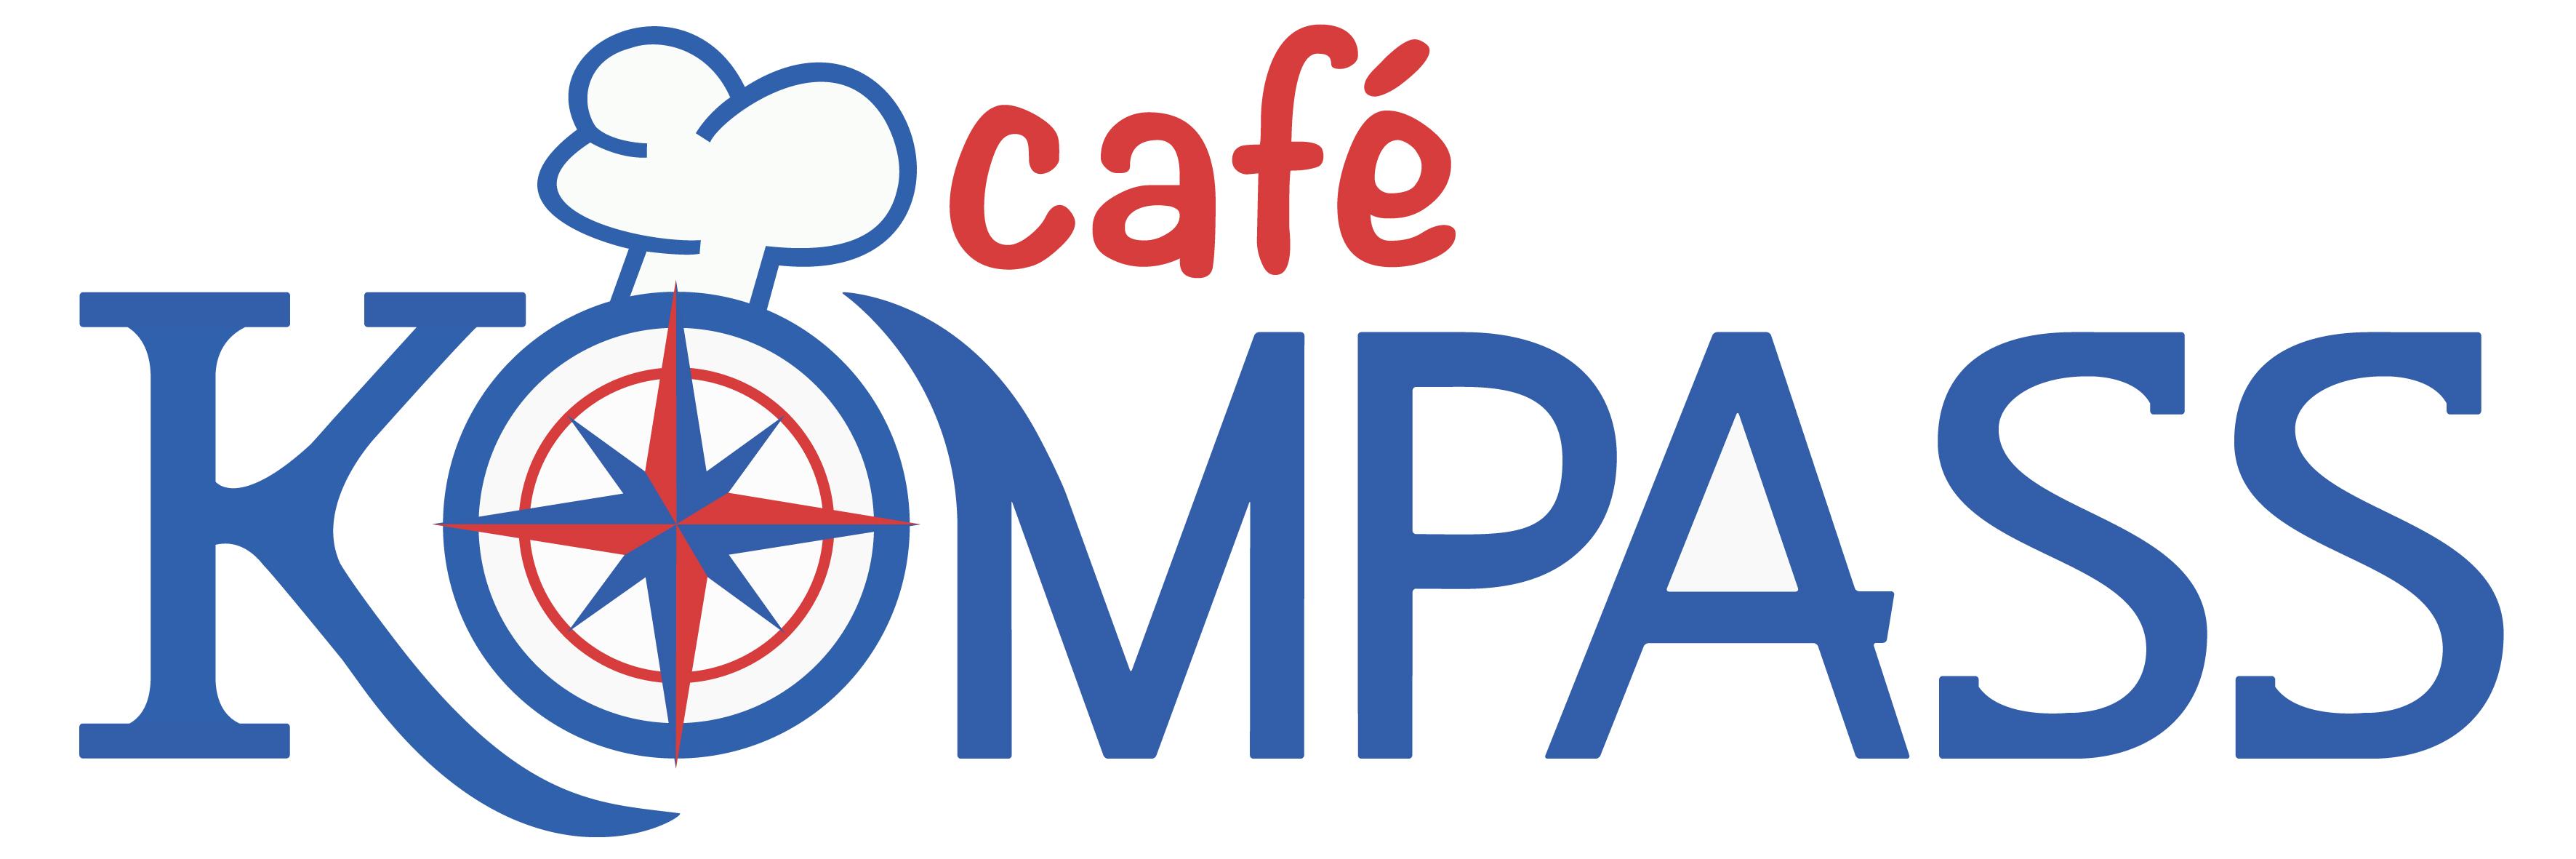 Logo-CafeKompass